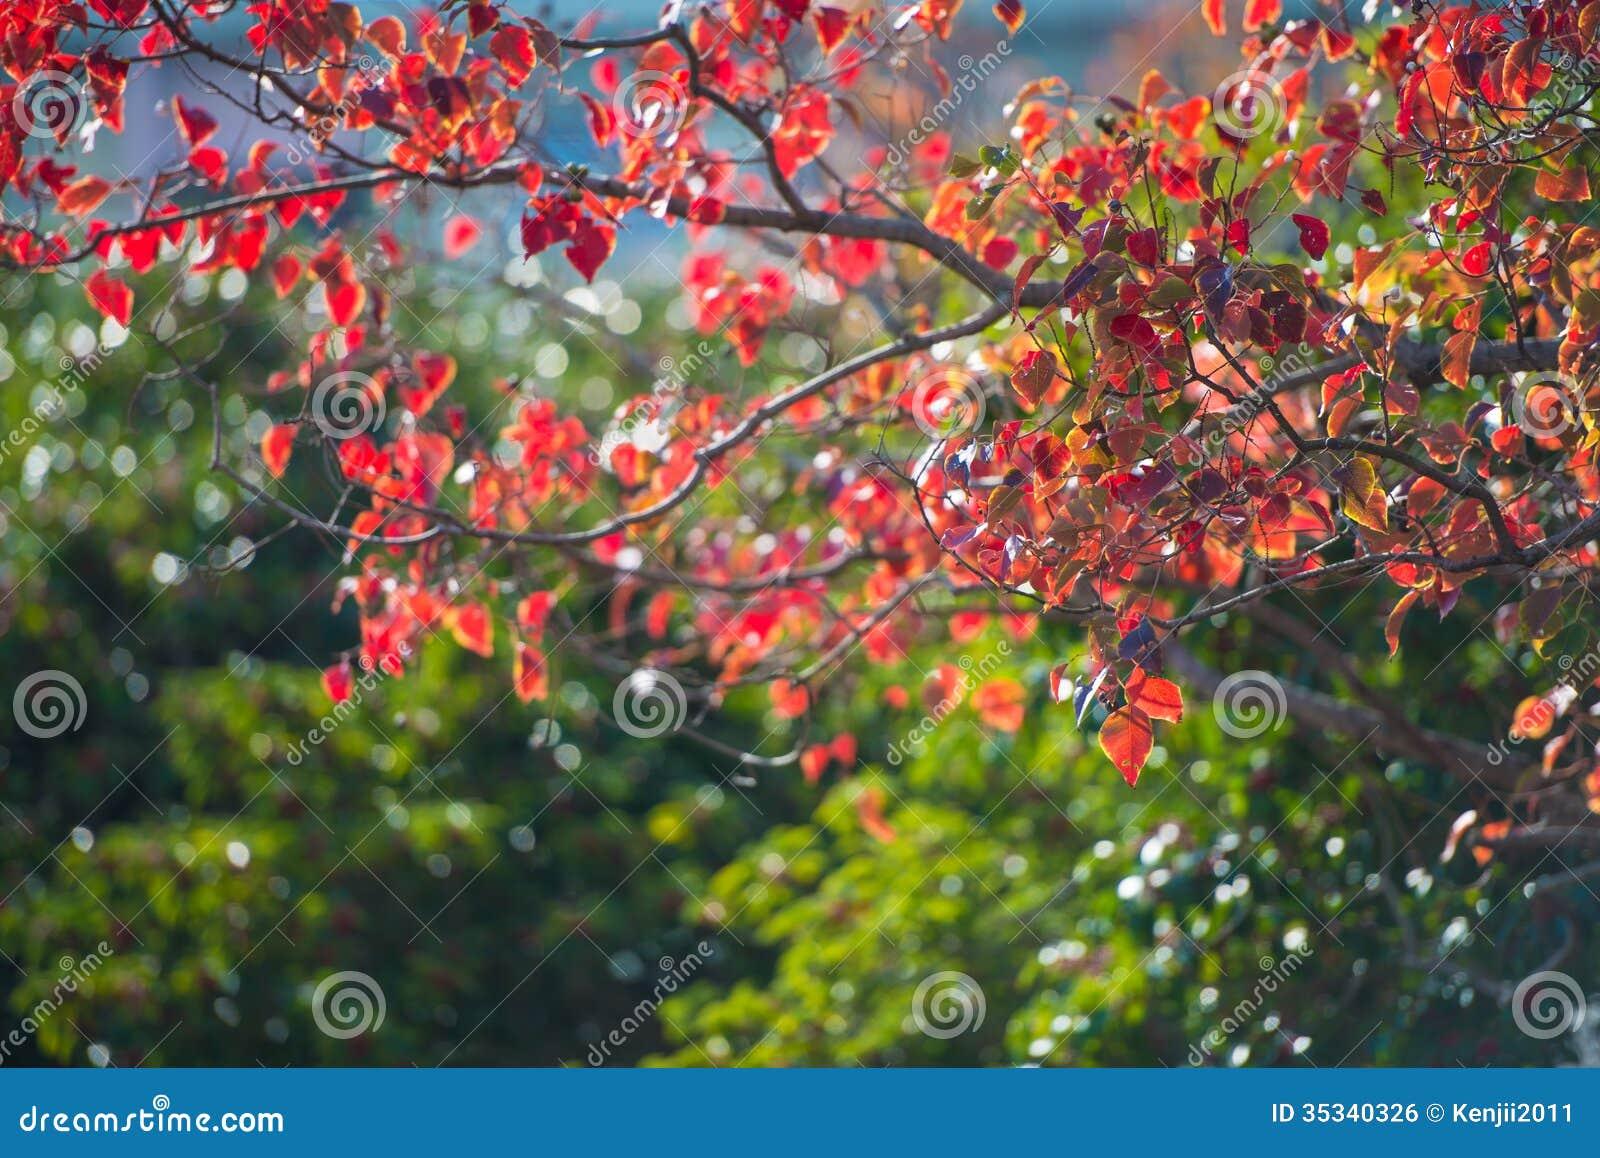 feuilles d 39 automne et arbre feuilles persistantes image libre de droits image 35340326. Black Bedroom Furniture Sets. Home Design Ideas